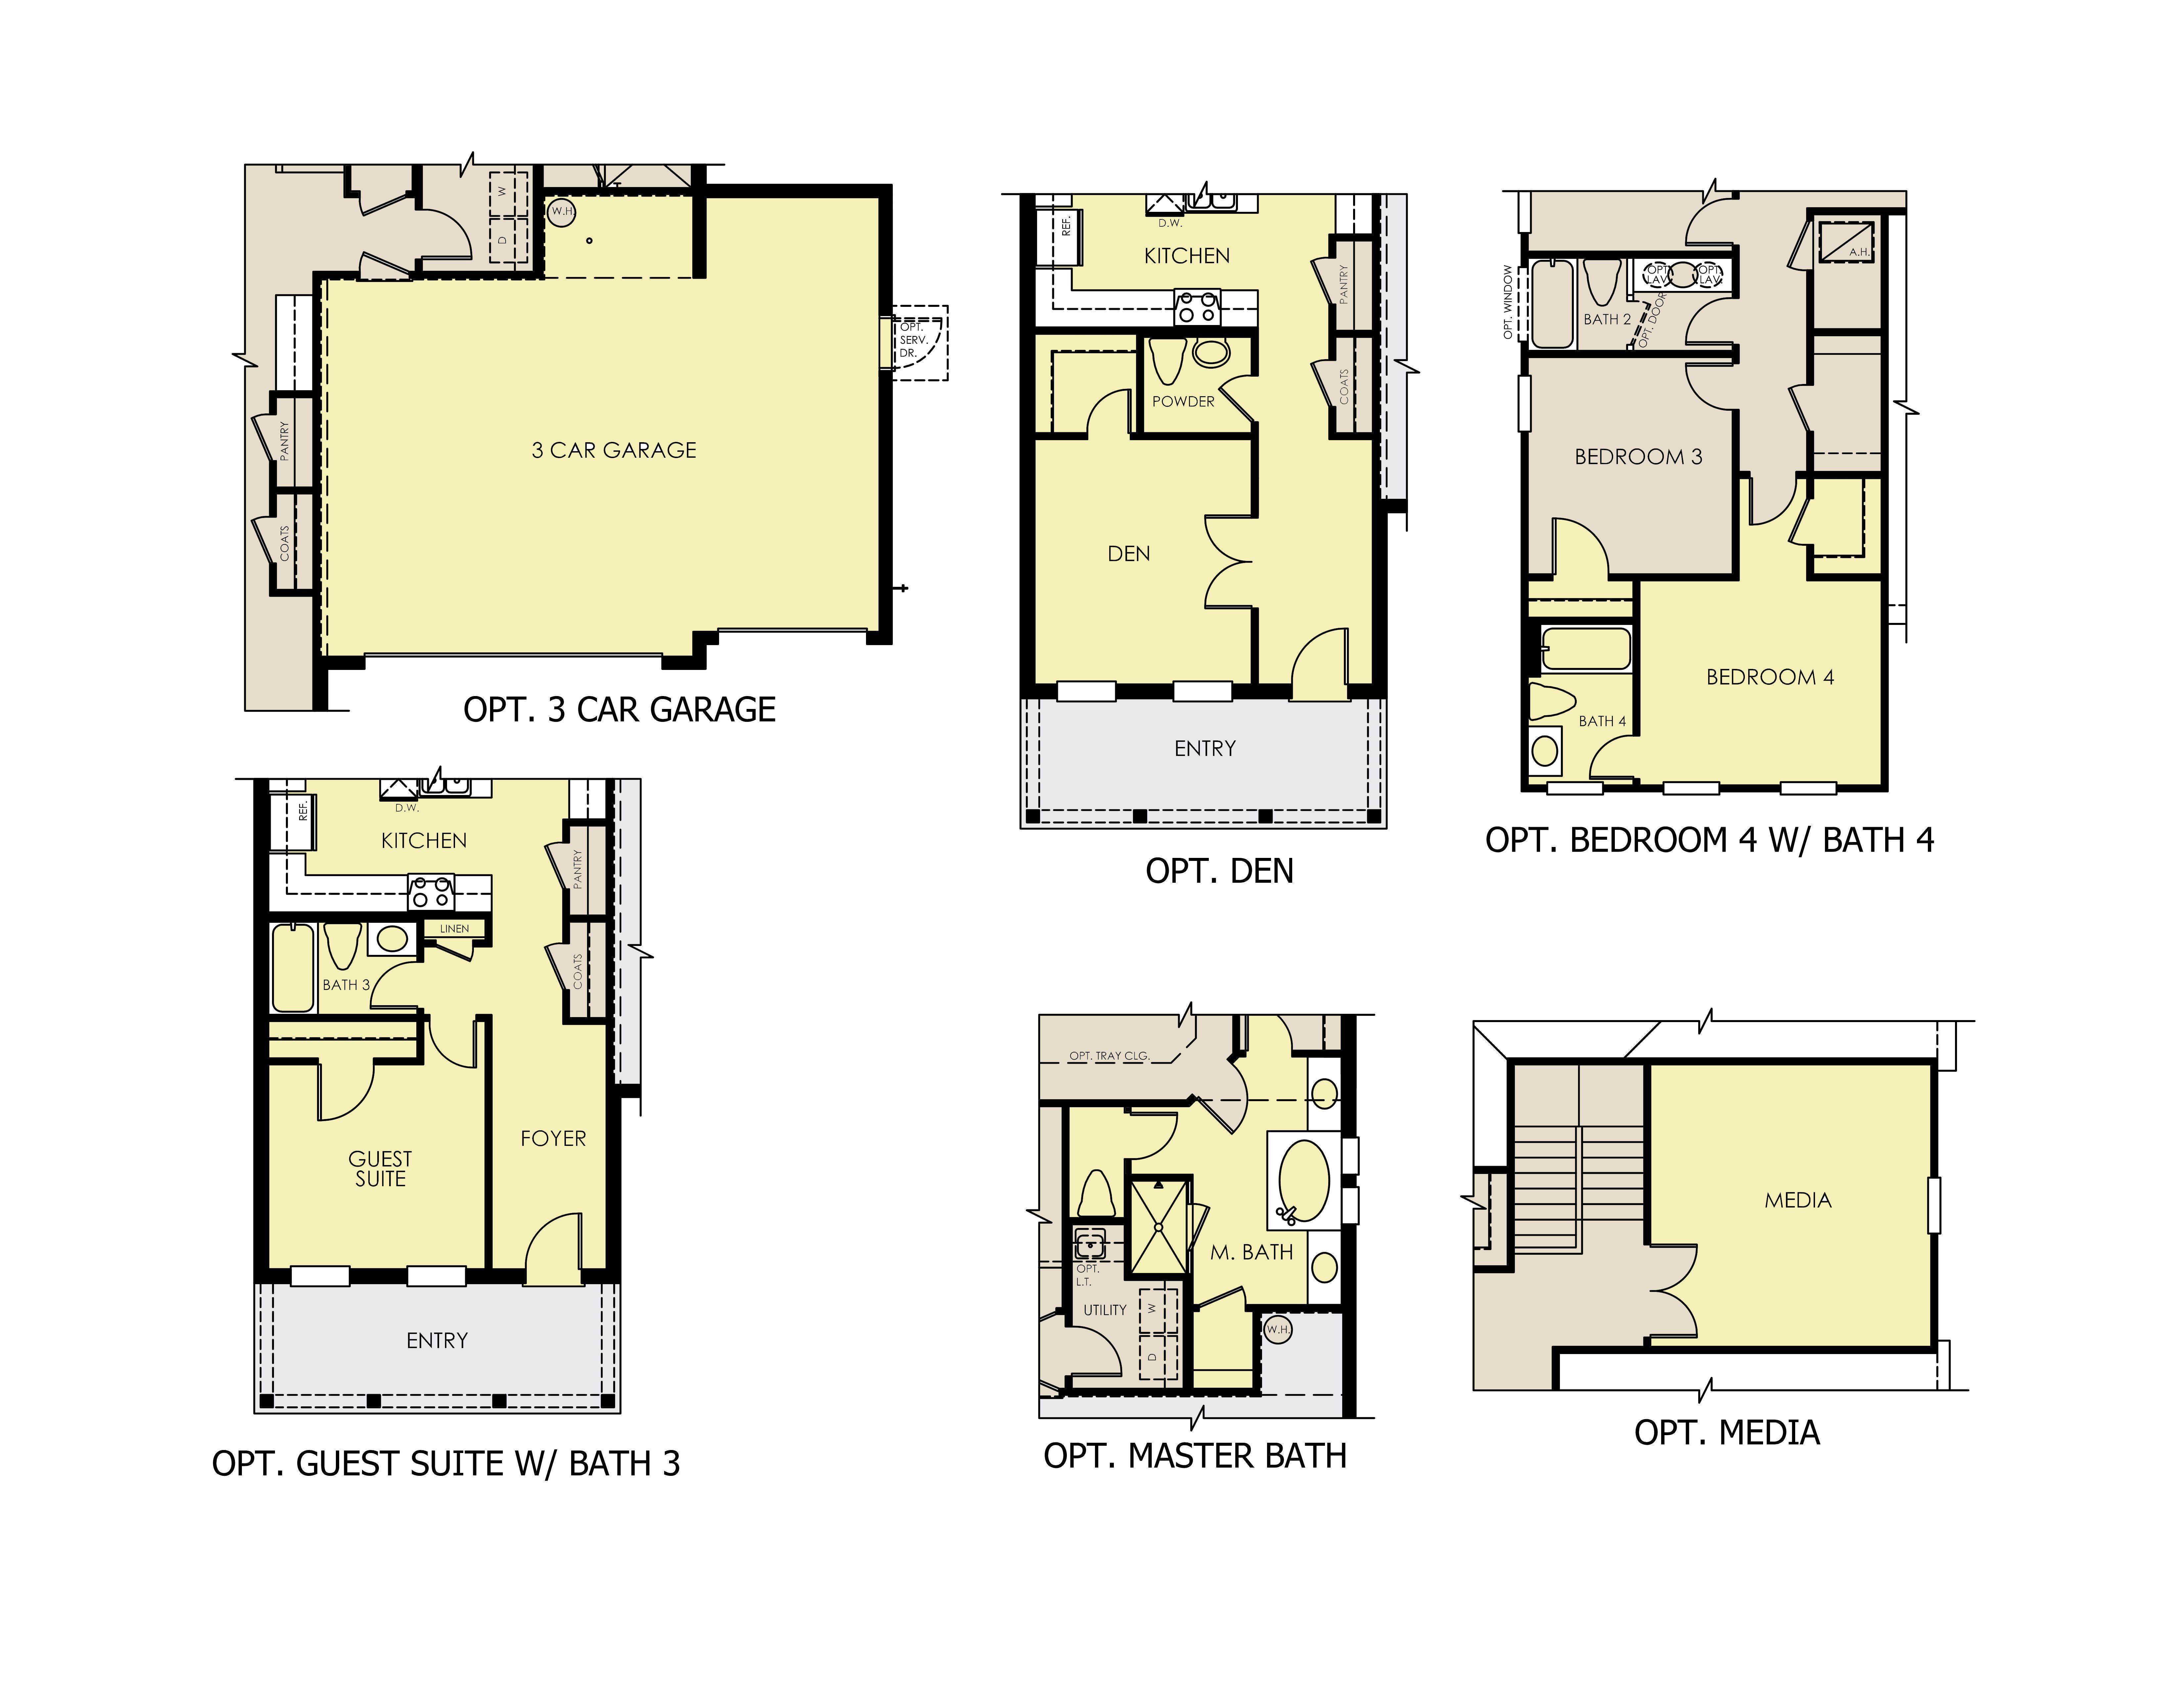 Ashton Woods Homes, Latham Park, Tuttle-1400977, Winter Garden, FL ...